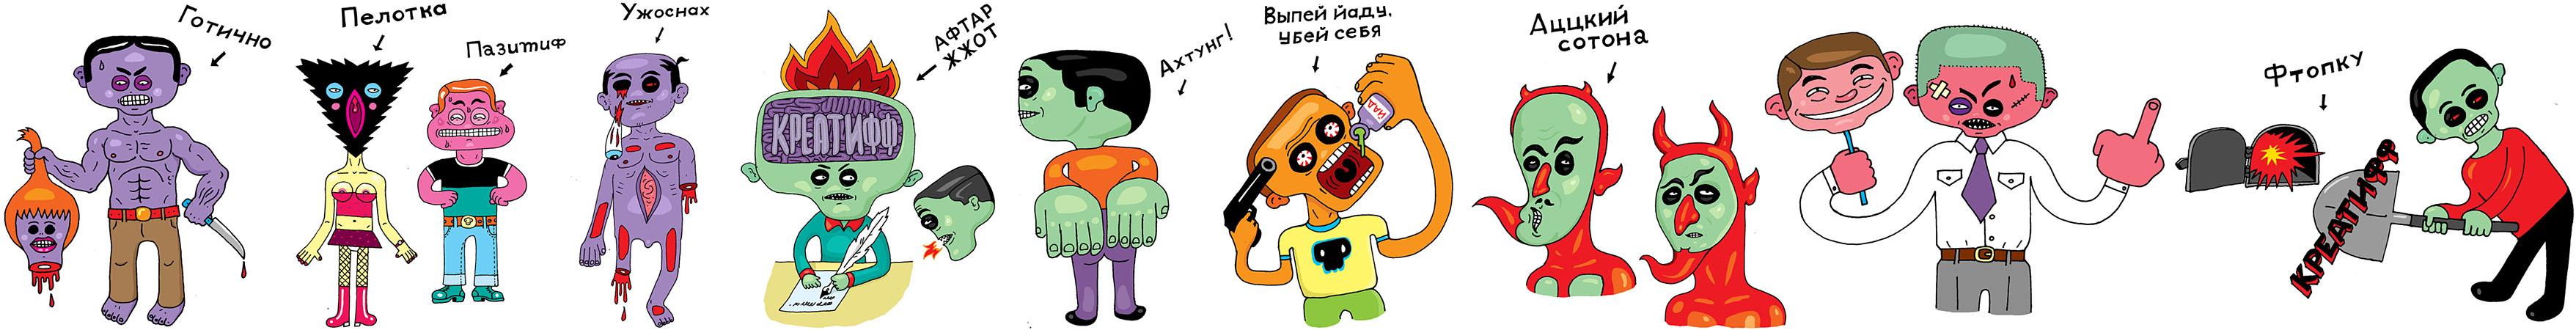 http://www.edikkatykhin.com/files/gimgs/53_ill200508.jpg